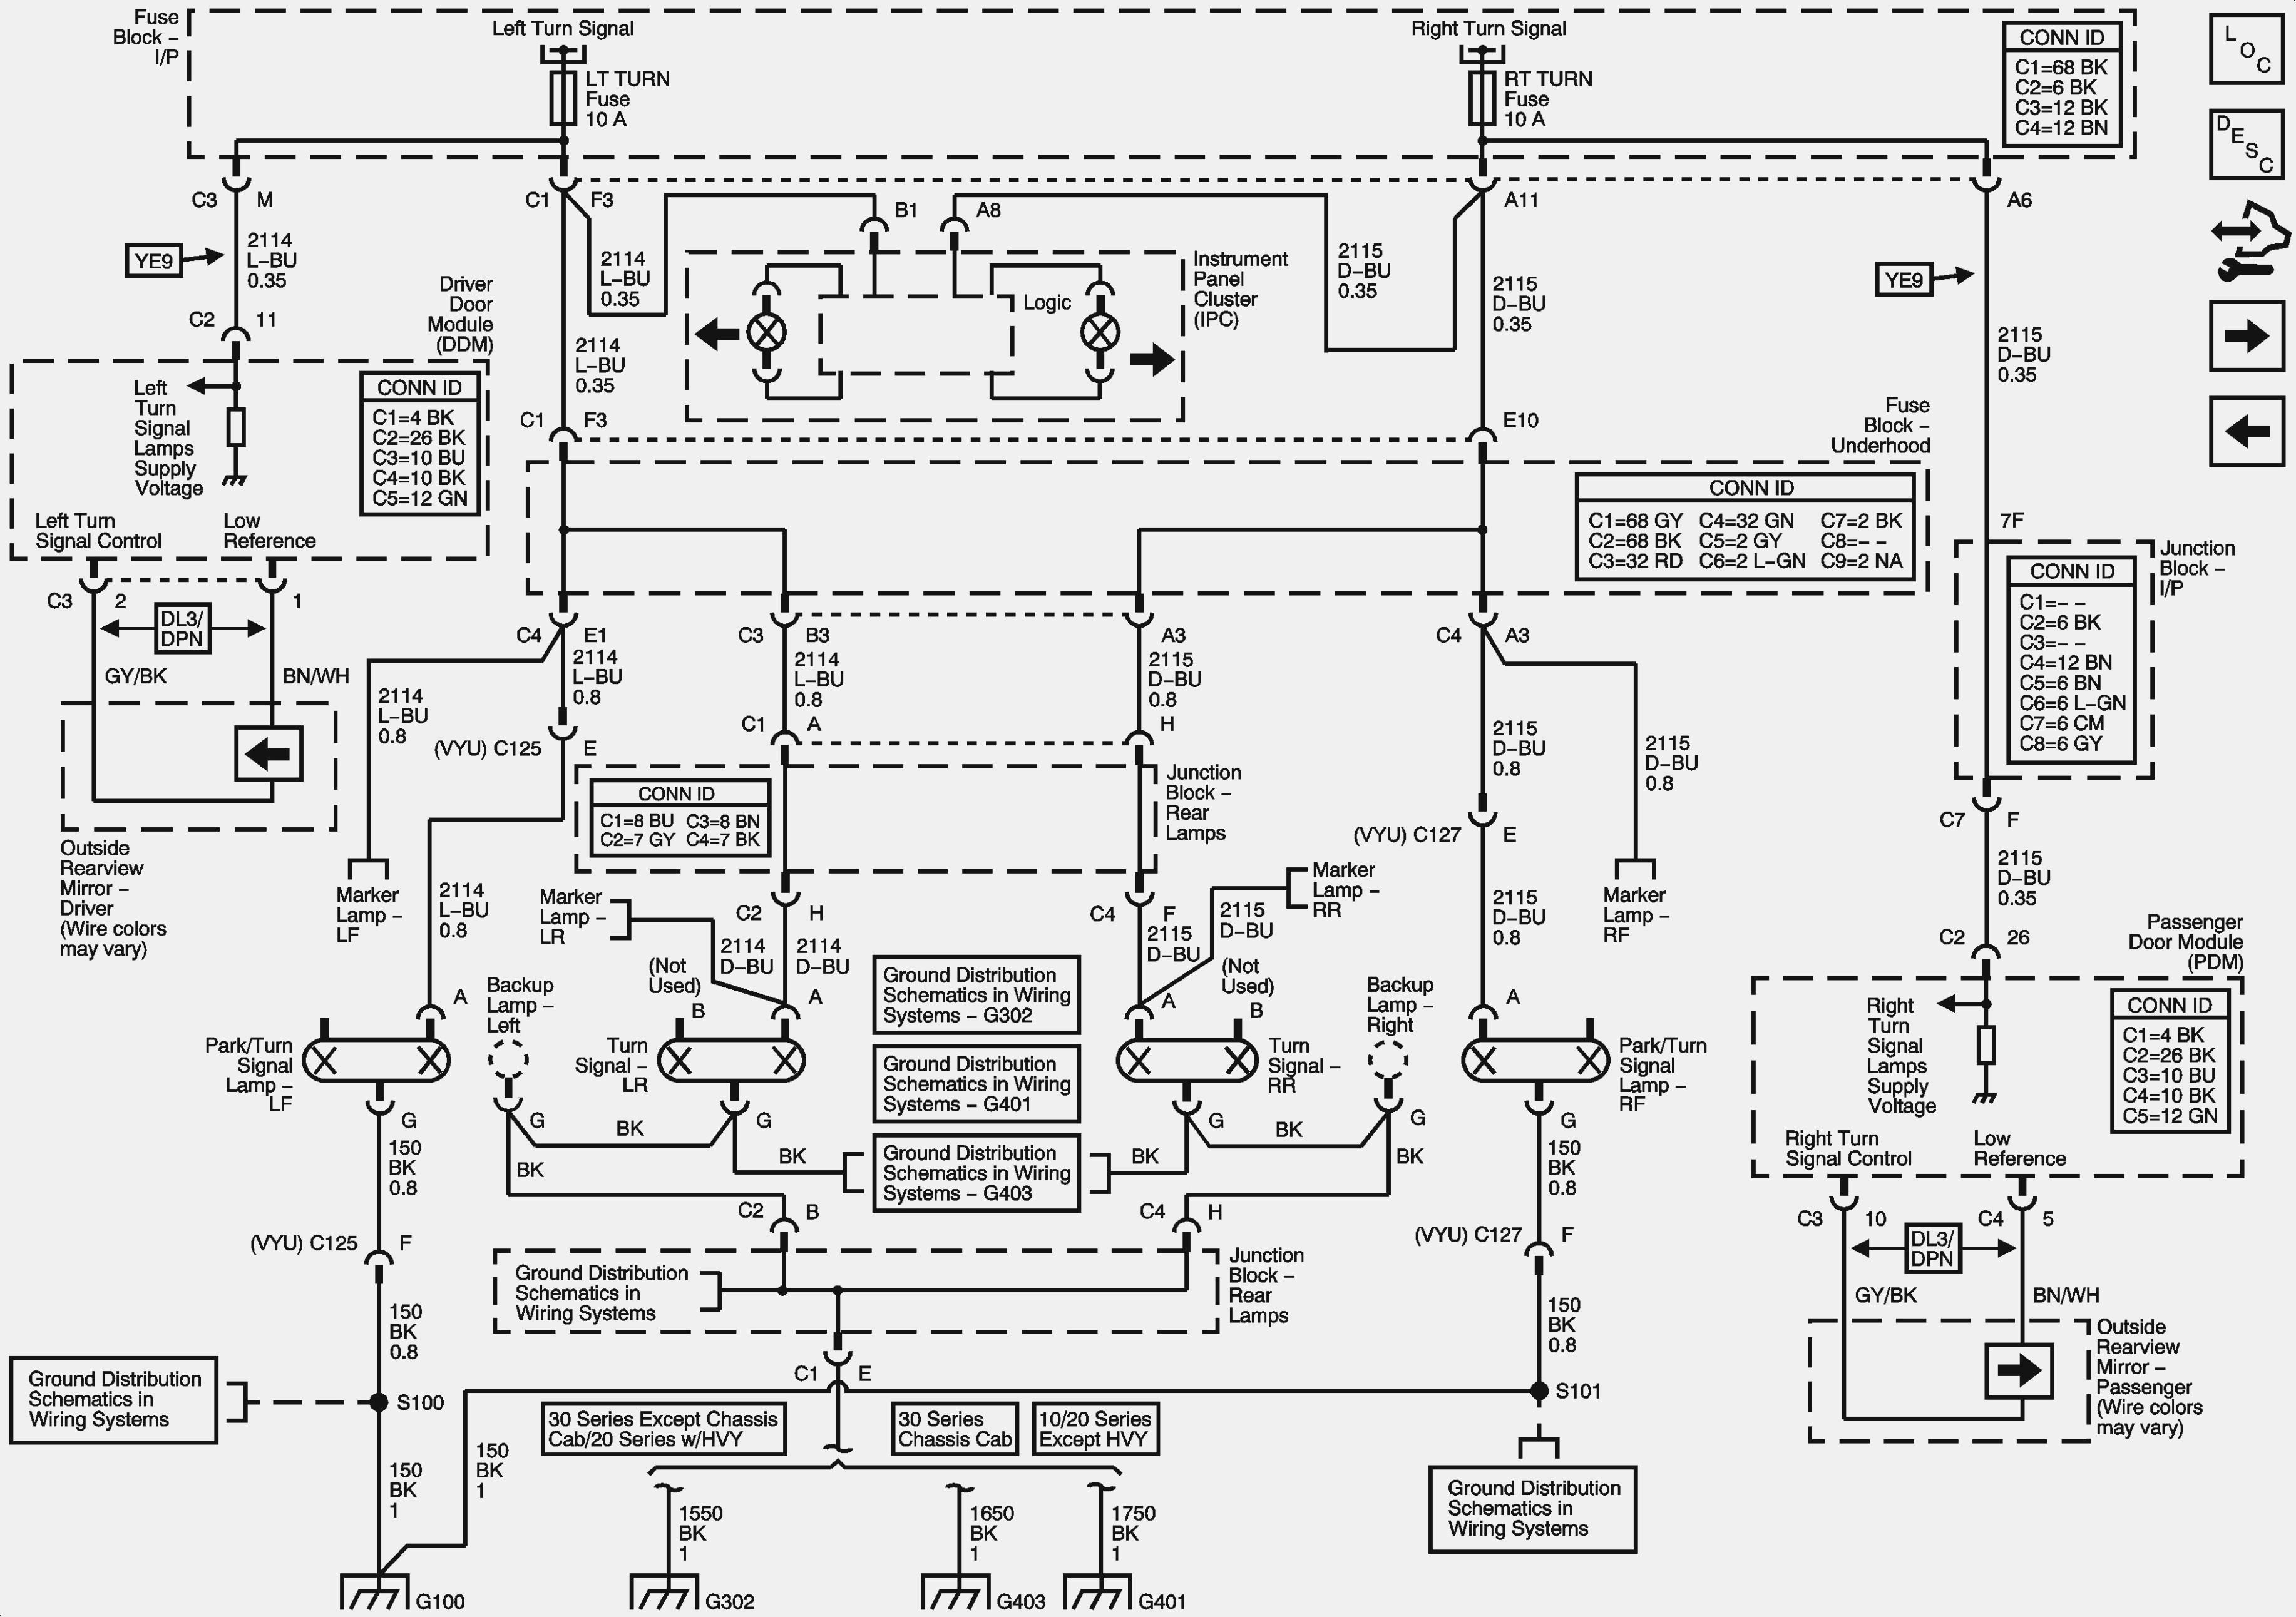 Caterpillar Engine Parts Diagram Cat Wiring Diagram 13 Wiring Diagram Database Of Caterpillar Engine Parts Diagram